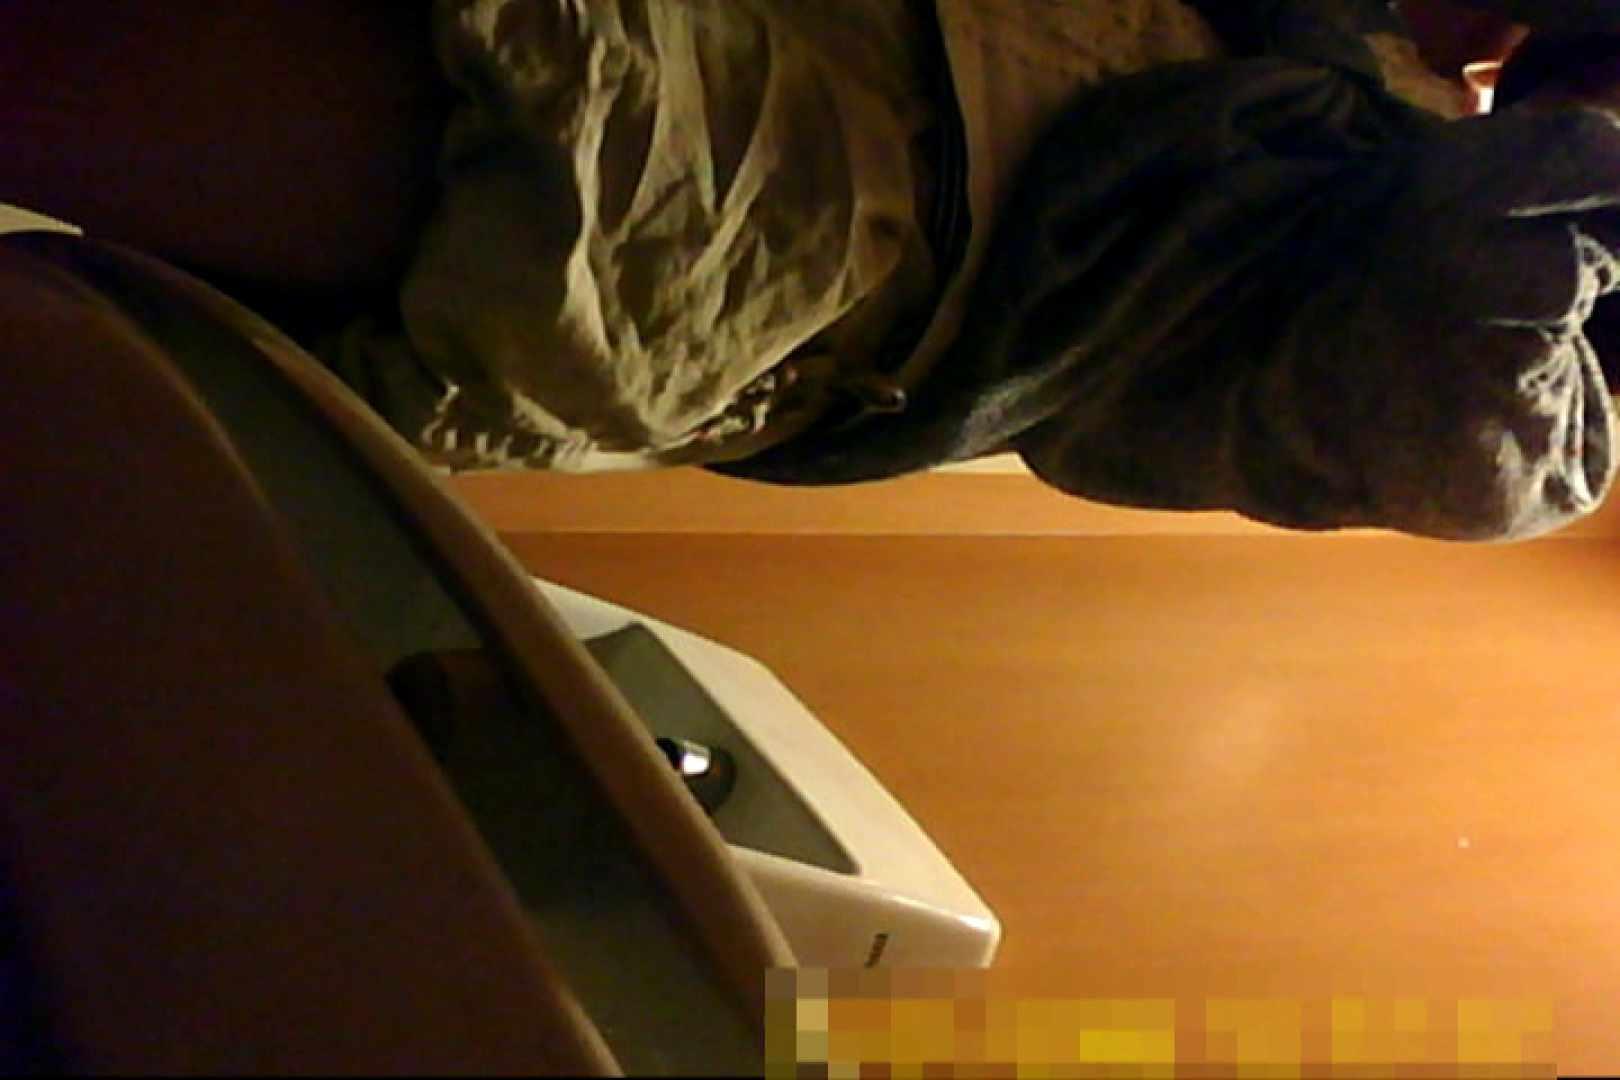 魅惑の化粧室~禁断のプライベート空間~27 丸見えマンコ 隠し撮りオマンコ動画紹介 106PIX 89